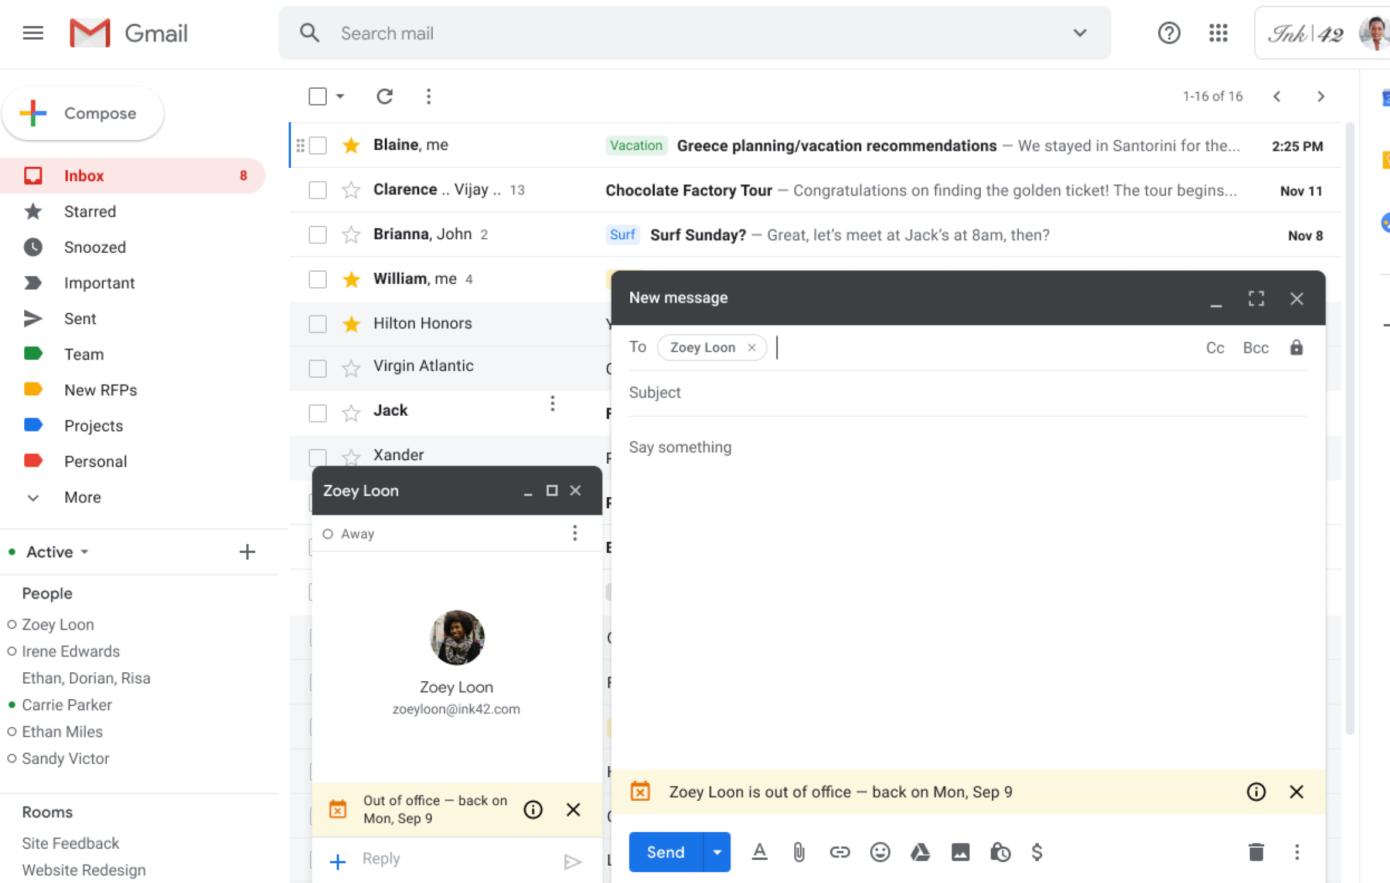 Gmail ahora puede decirle a tus compañeros de trabajo que estás de vacaciones antes de que te envíen un correo electrónico